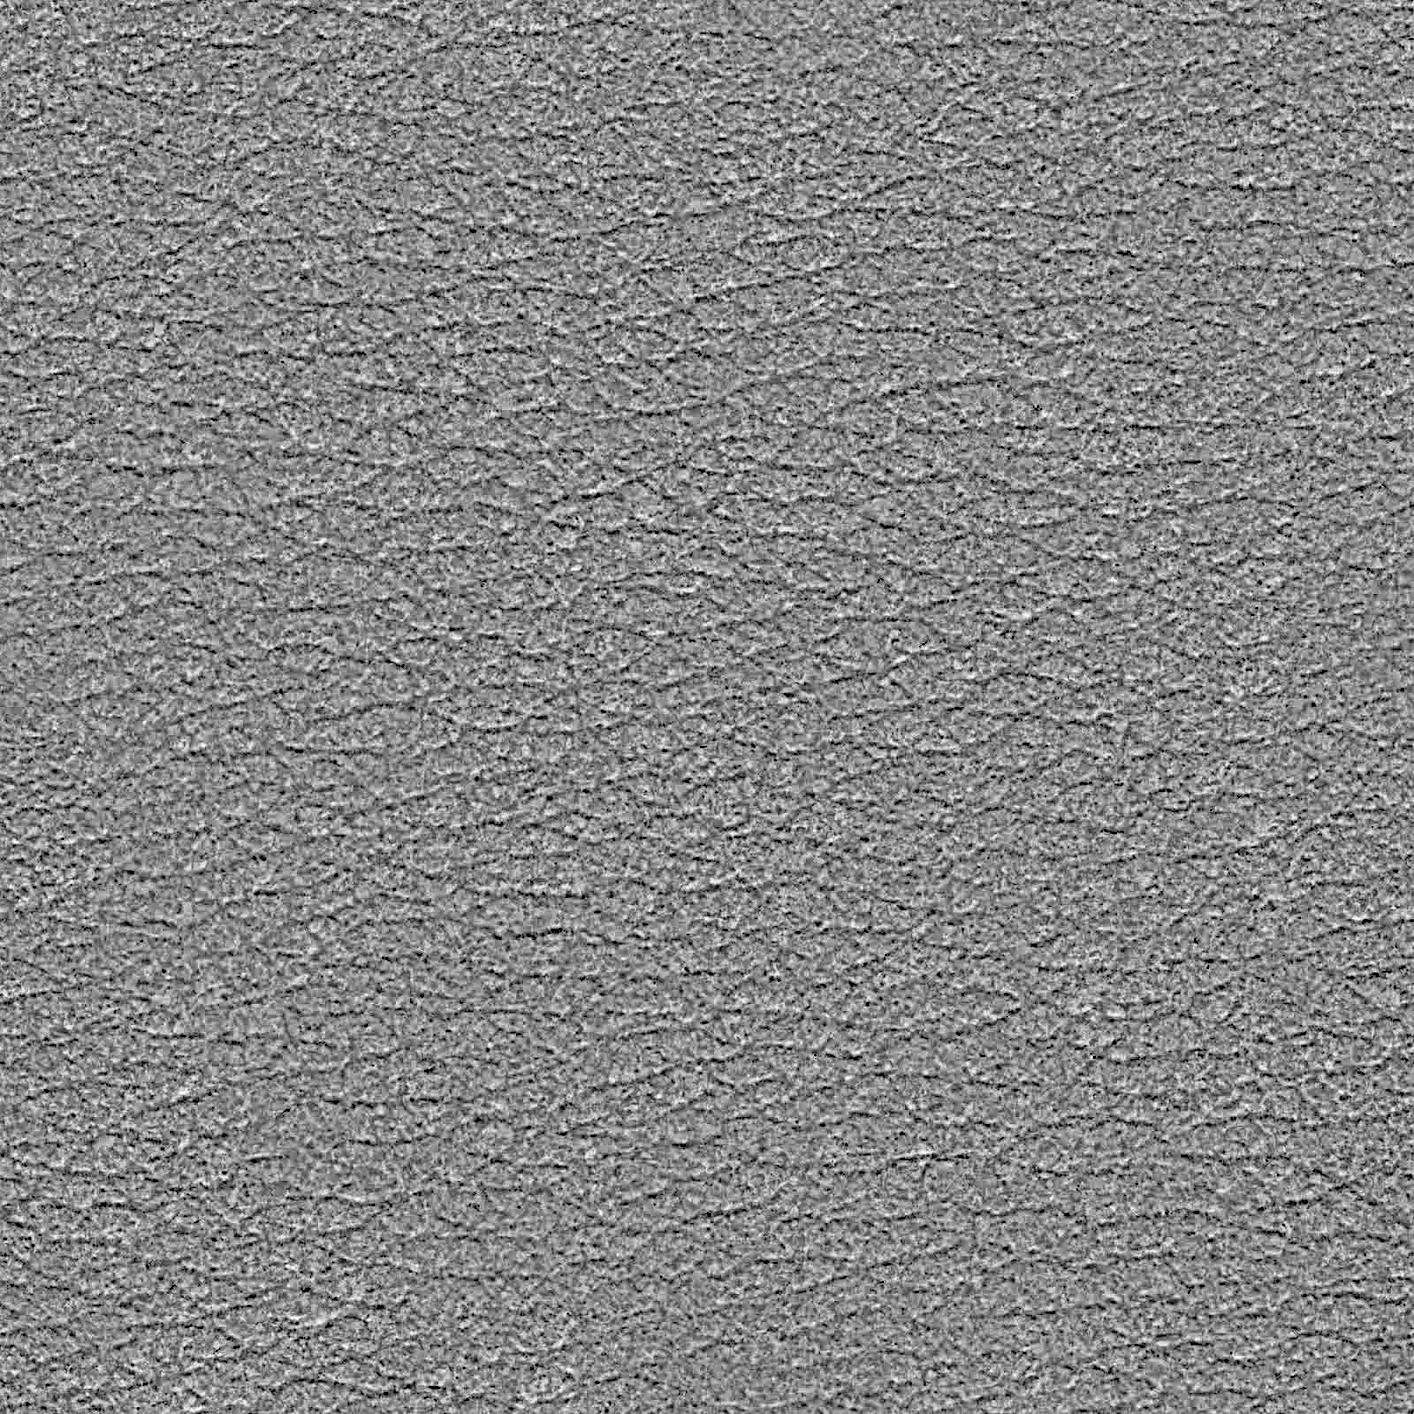 Seamless Human Skin Texture Skin Textures Human